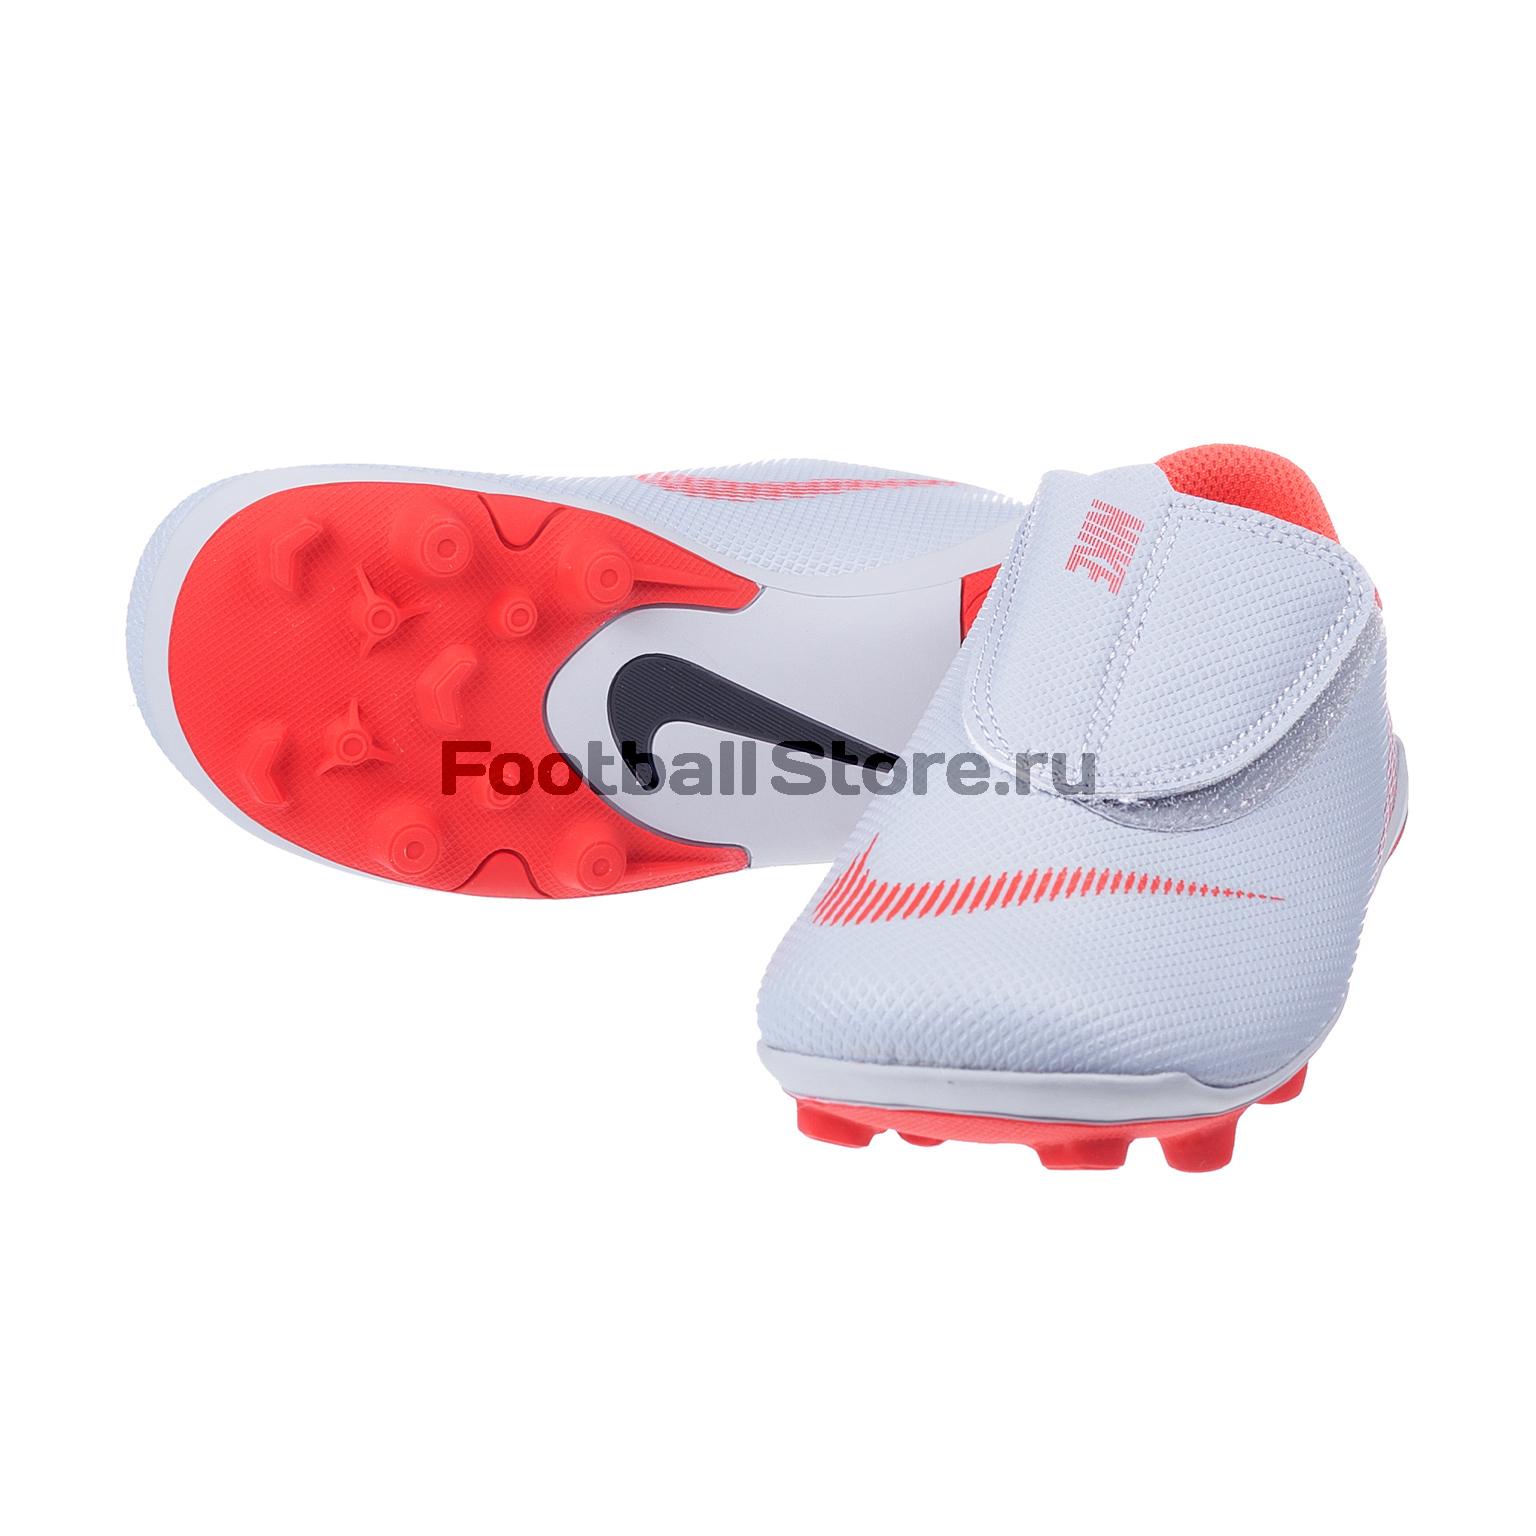 f466af32 Бутсы детские Nike Vapor 12 Club PS FG/MG AH7351-060 – купить в ...